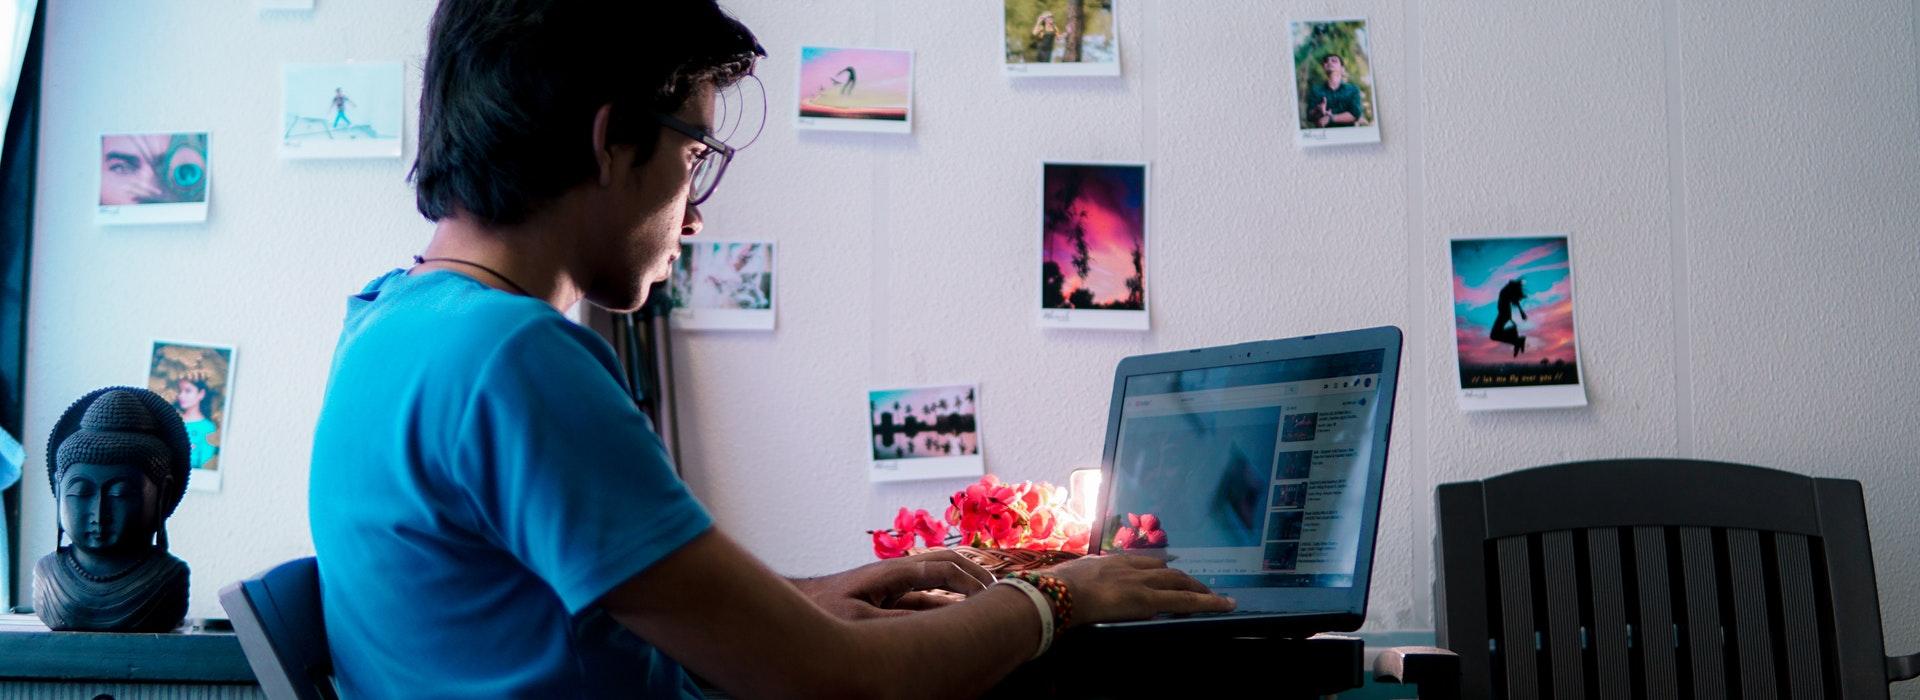 photo d'un homme tapant sur un ordinateur portable